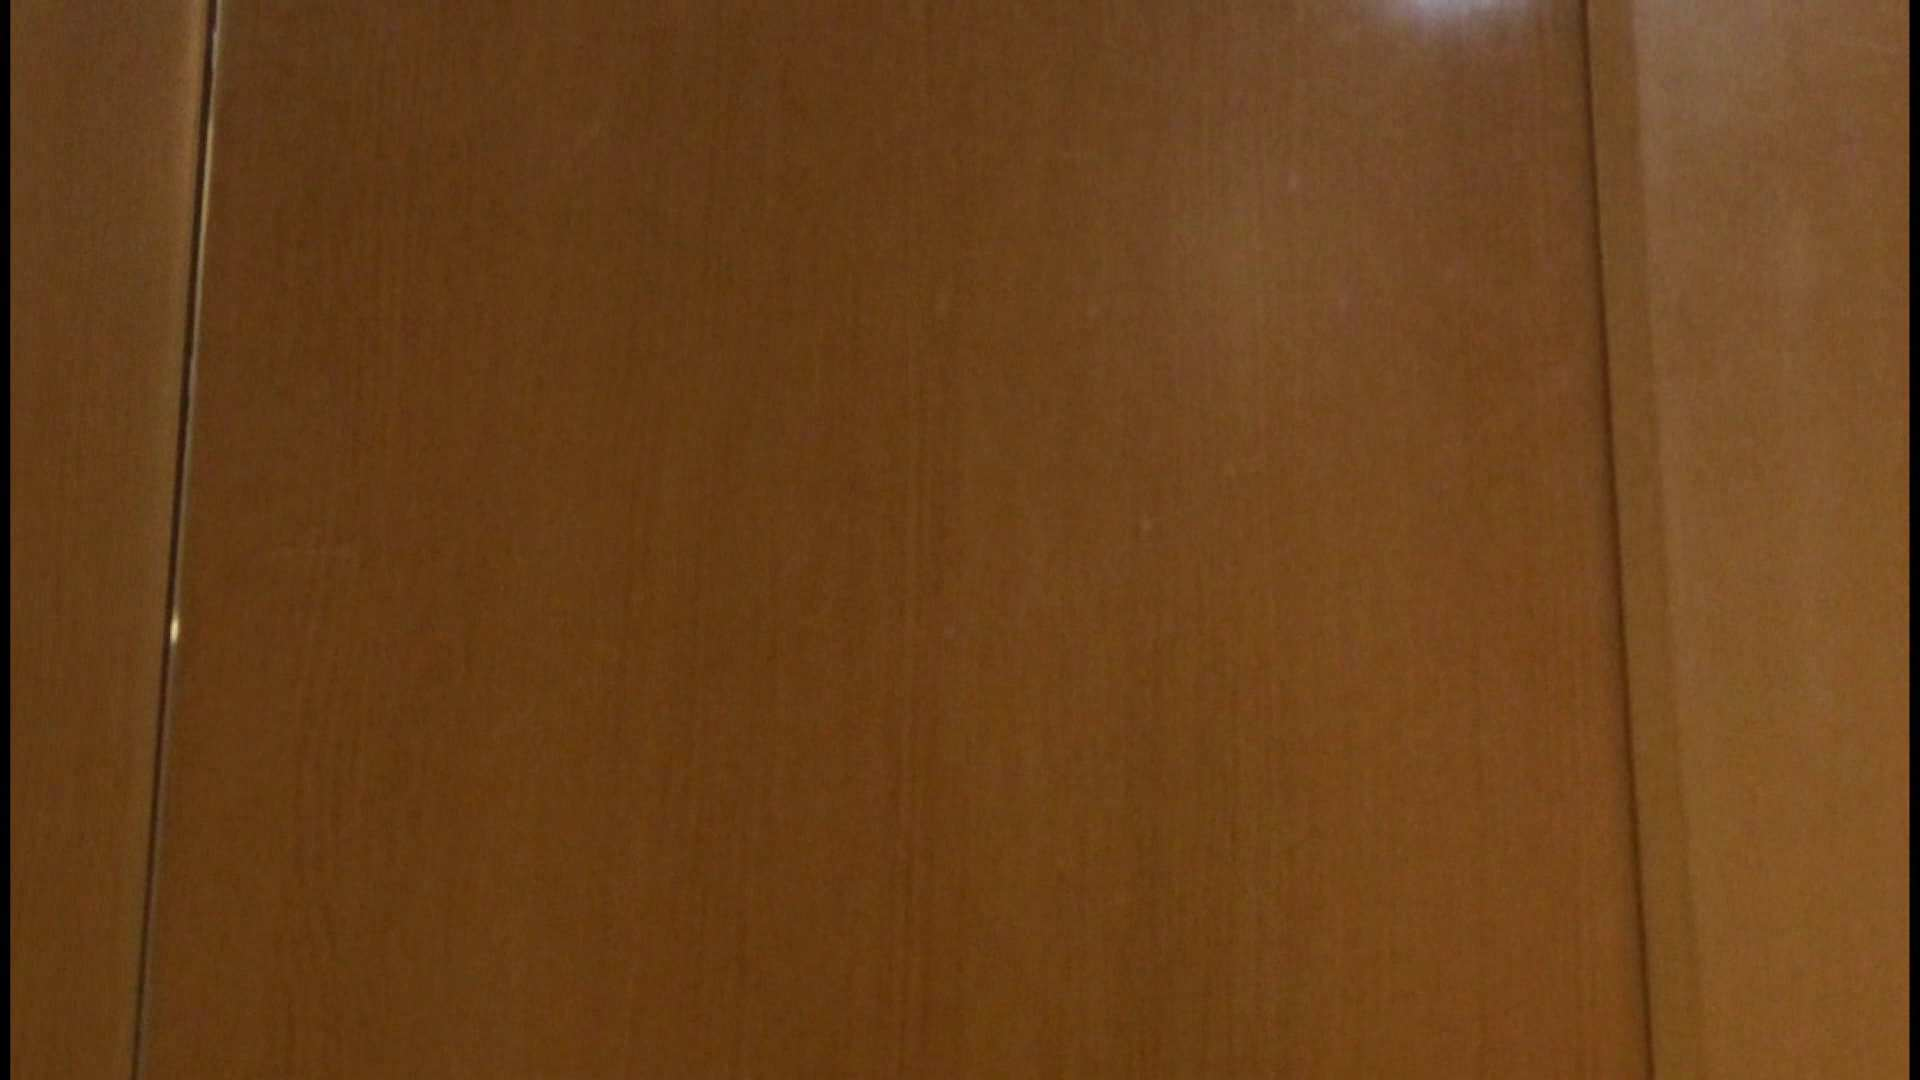 「噂」の国の厠観察日記2 Vol.08 OLハメ撮り  111Pix 18